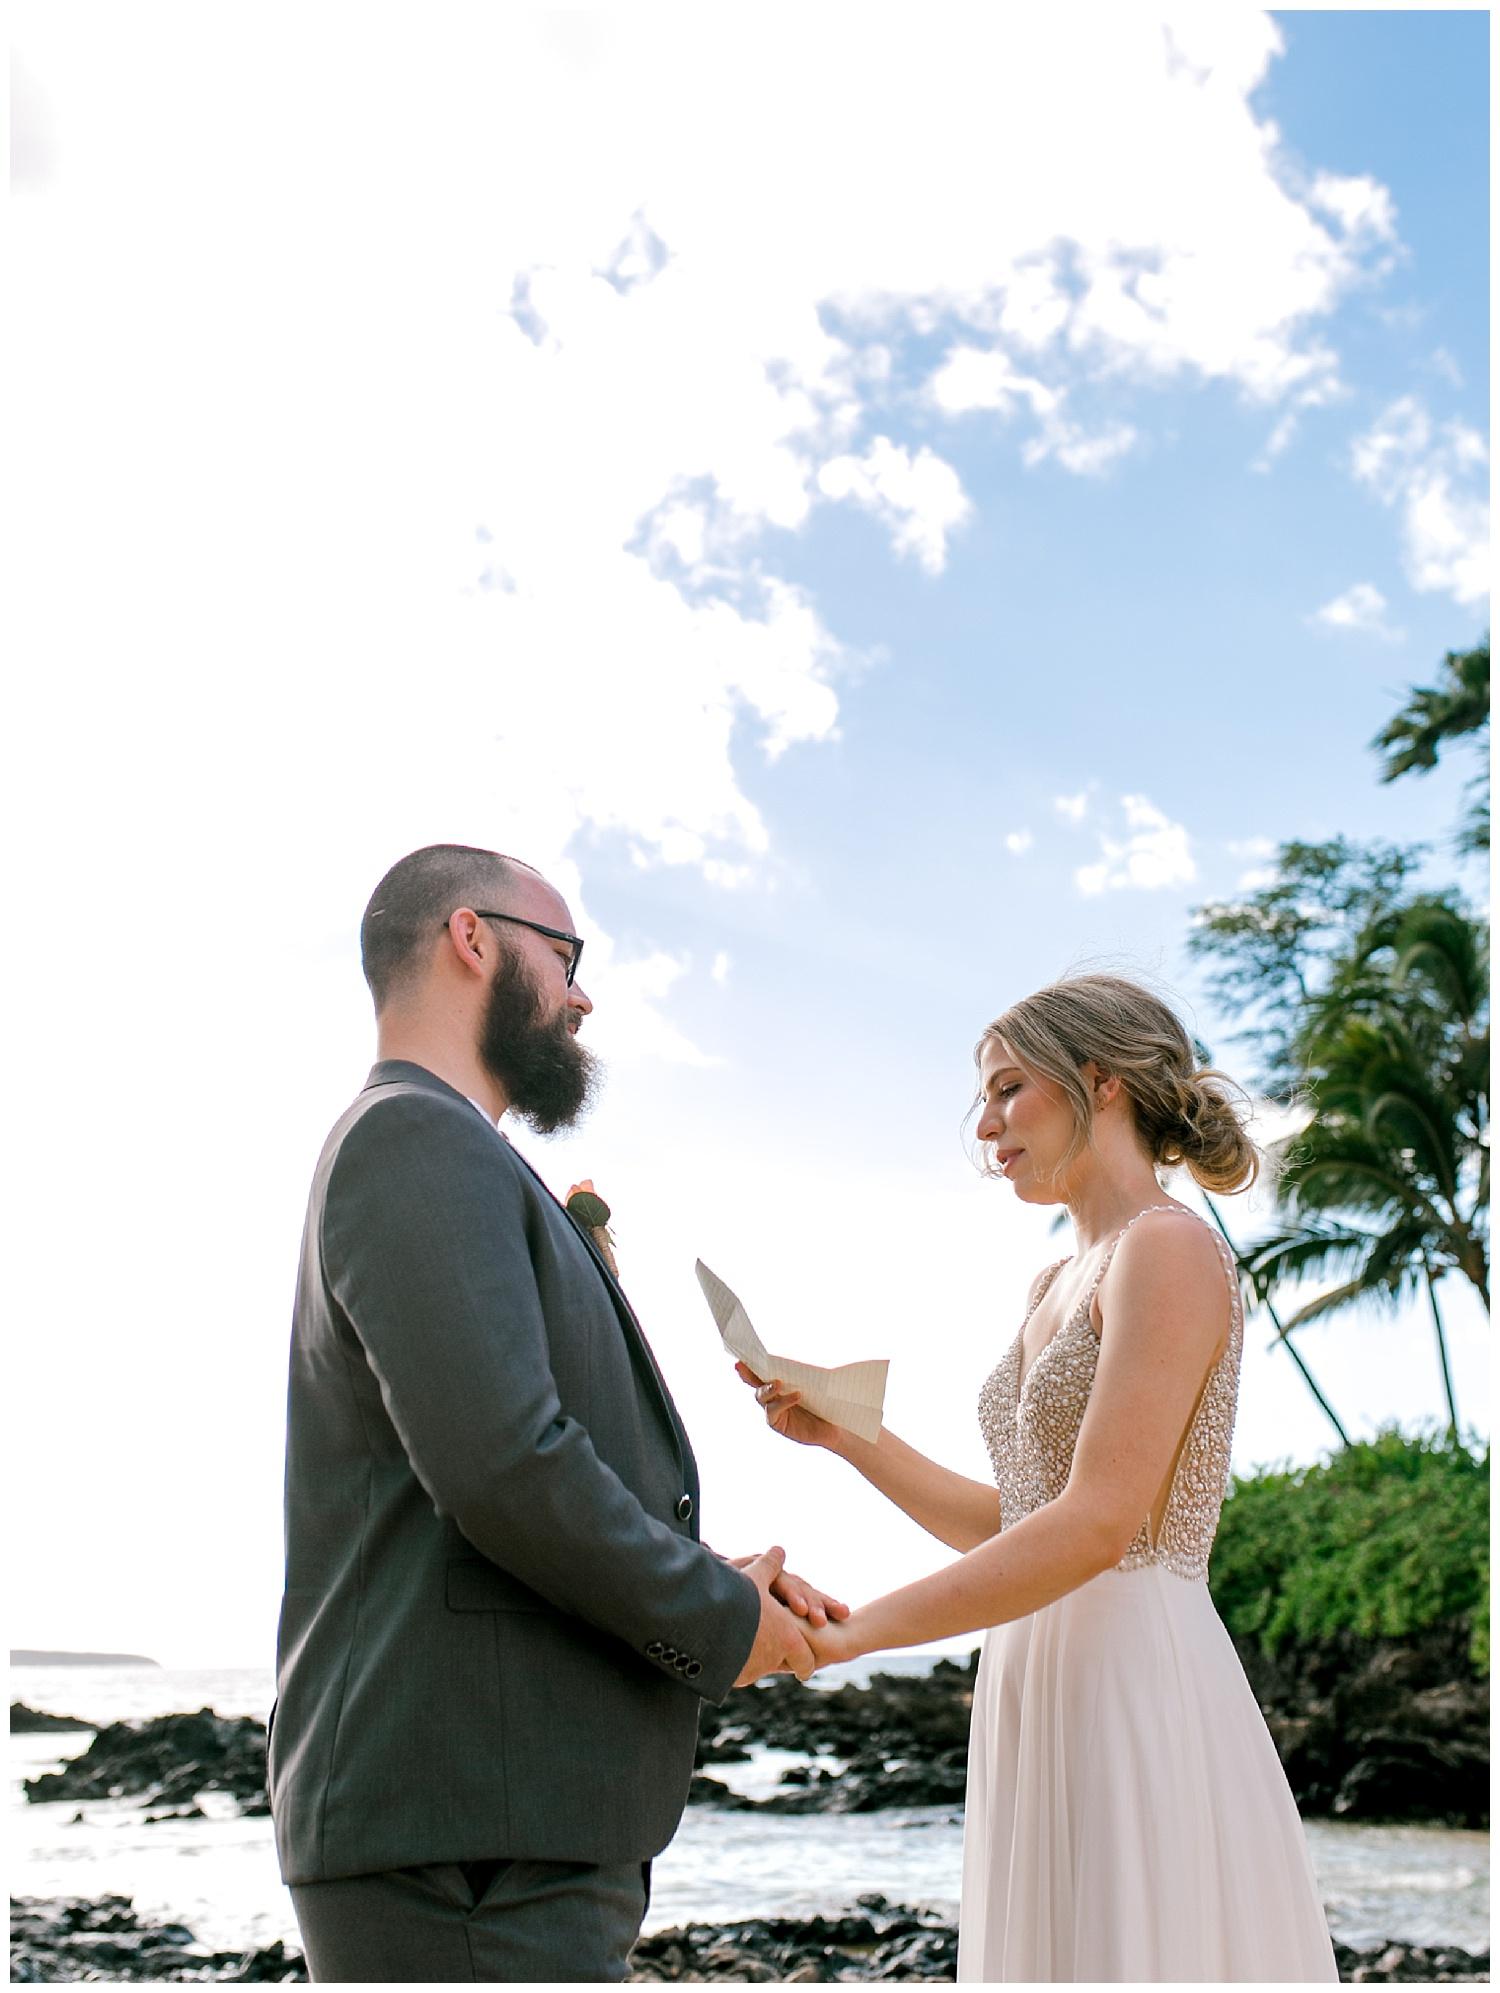 Maui-Intimate-Wedding-Photography-Makena-Cove-Maui-Hawaii_0020.jpg